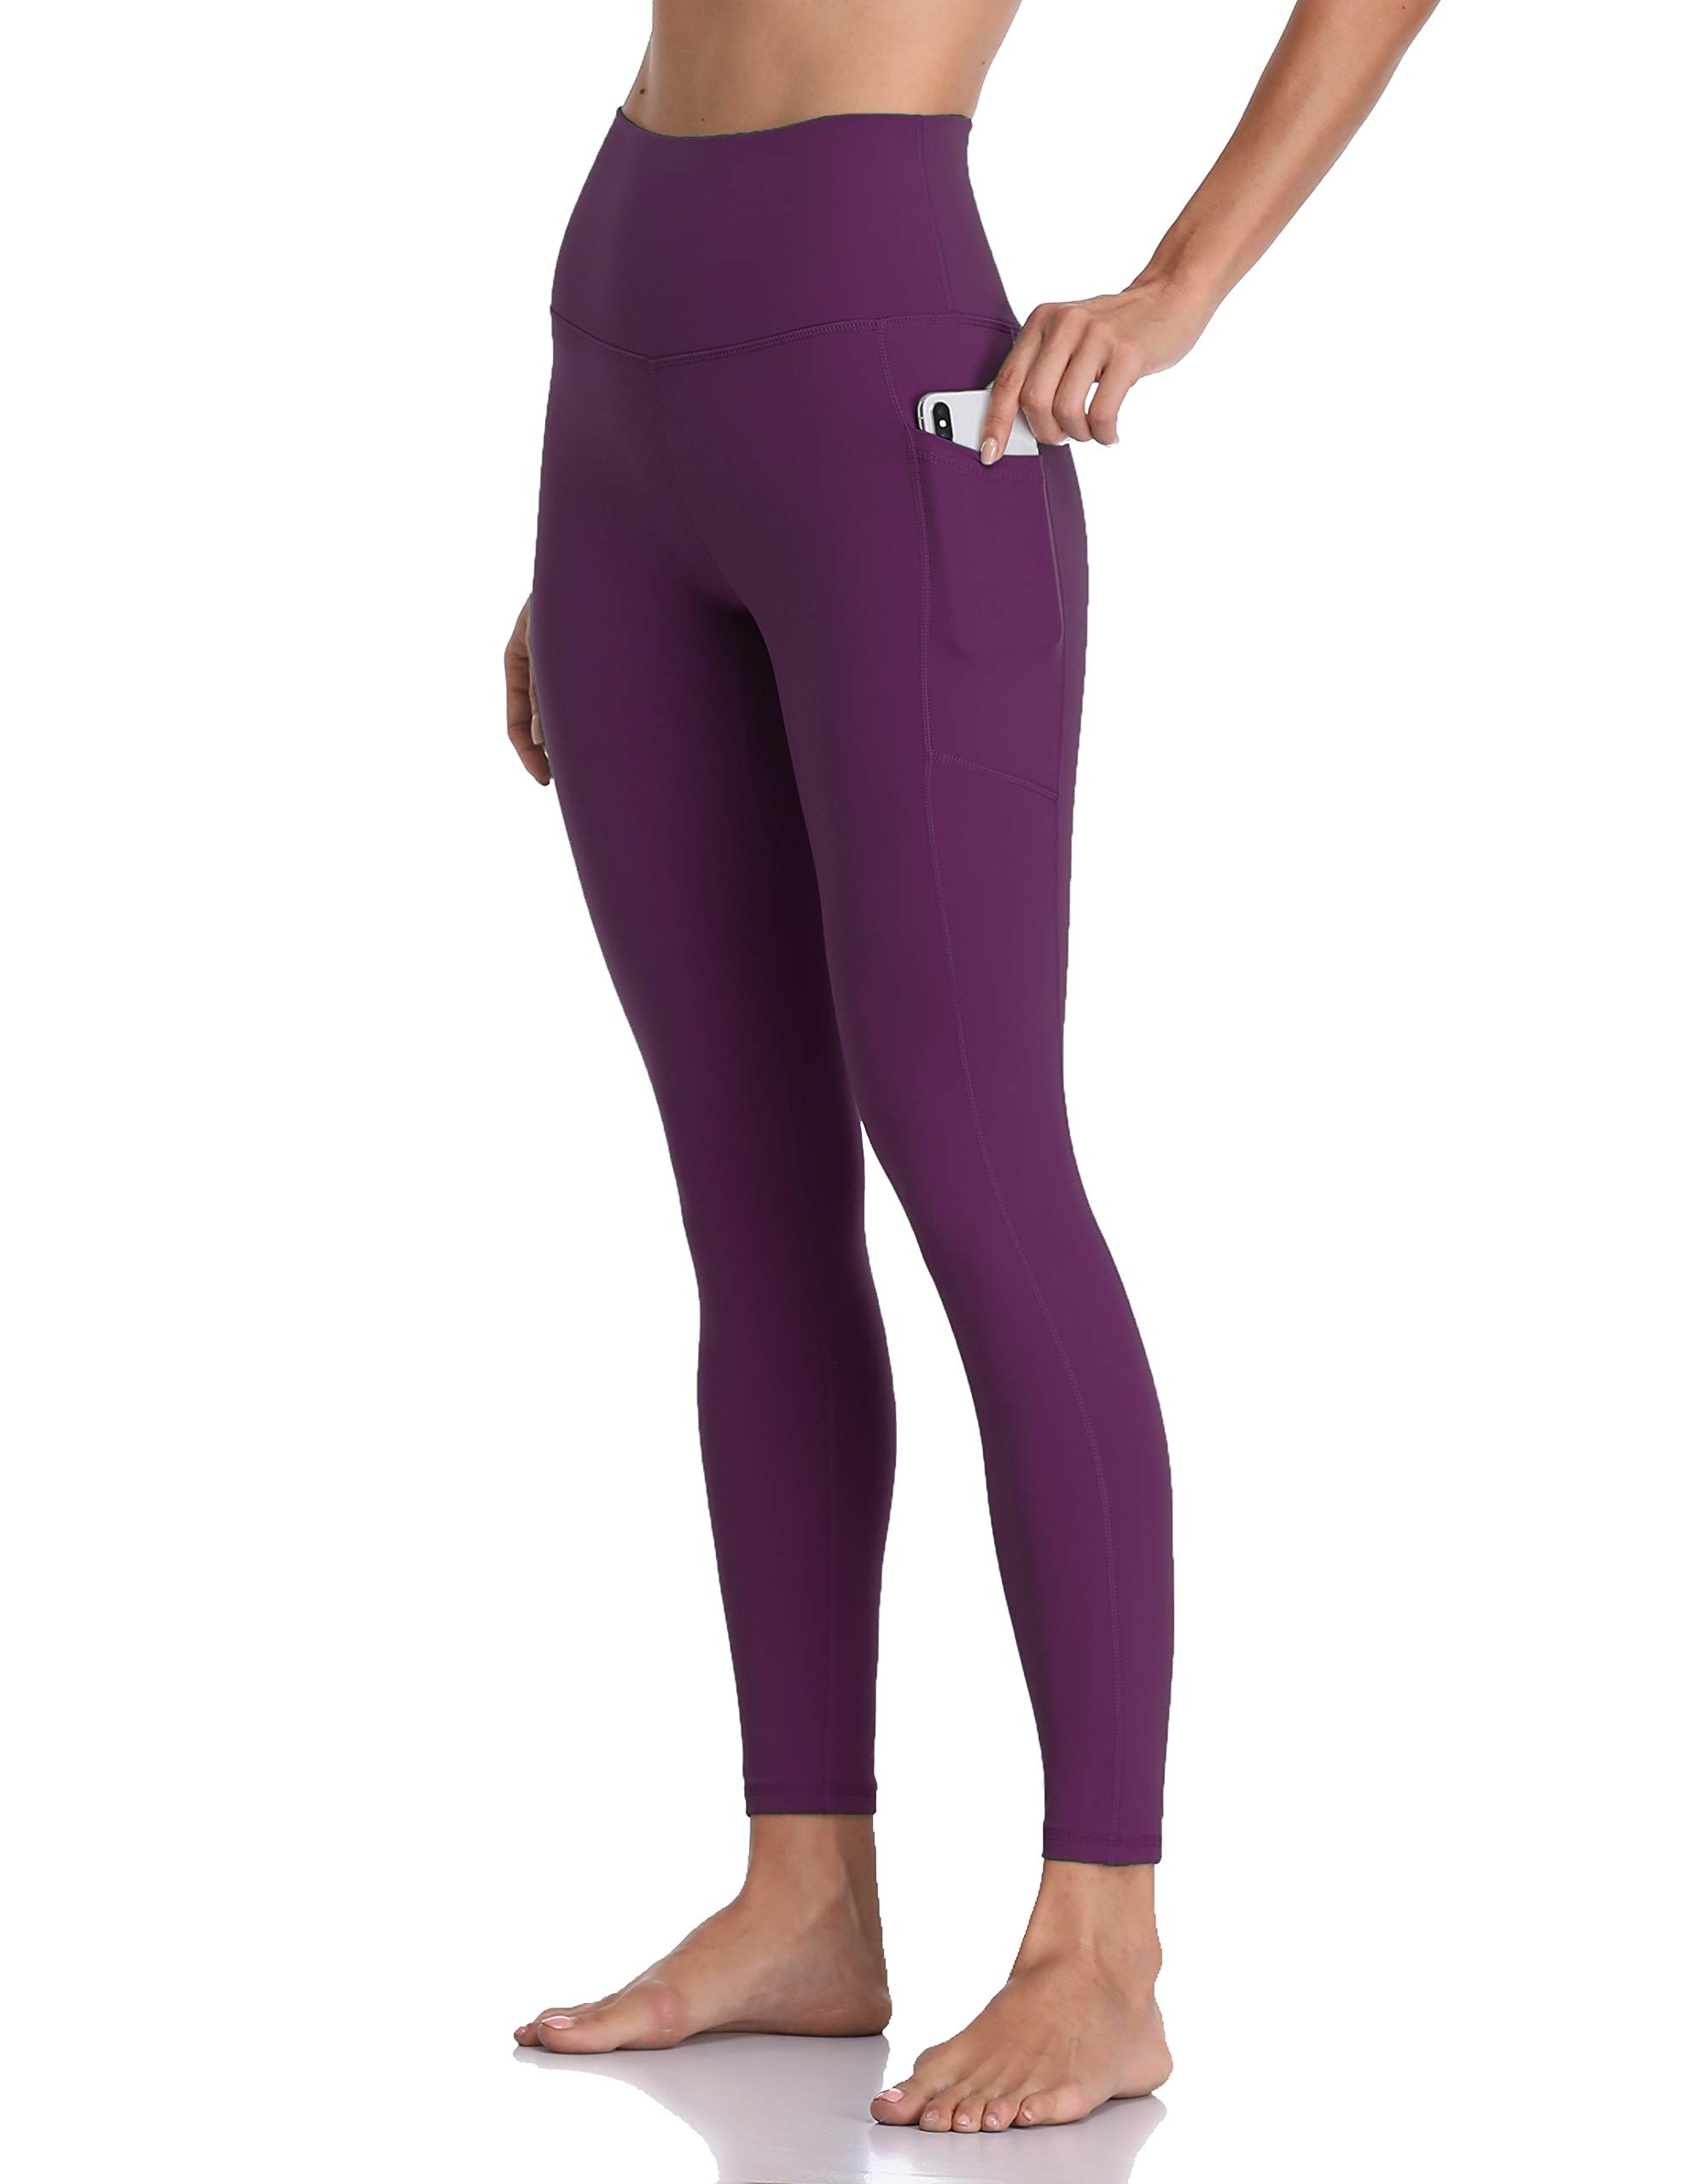 Colorfulkoala Women's High Waisted Yoga Pants 7/8 Length Leggings with Pockets (L, Deep Violet) by Colorfulkoala